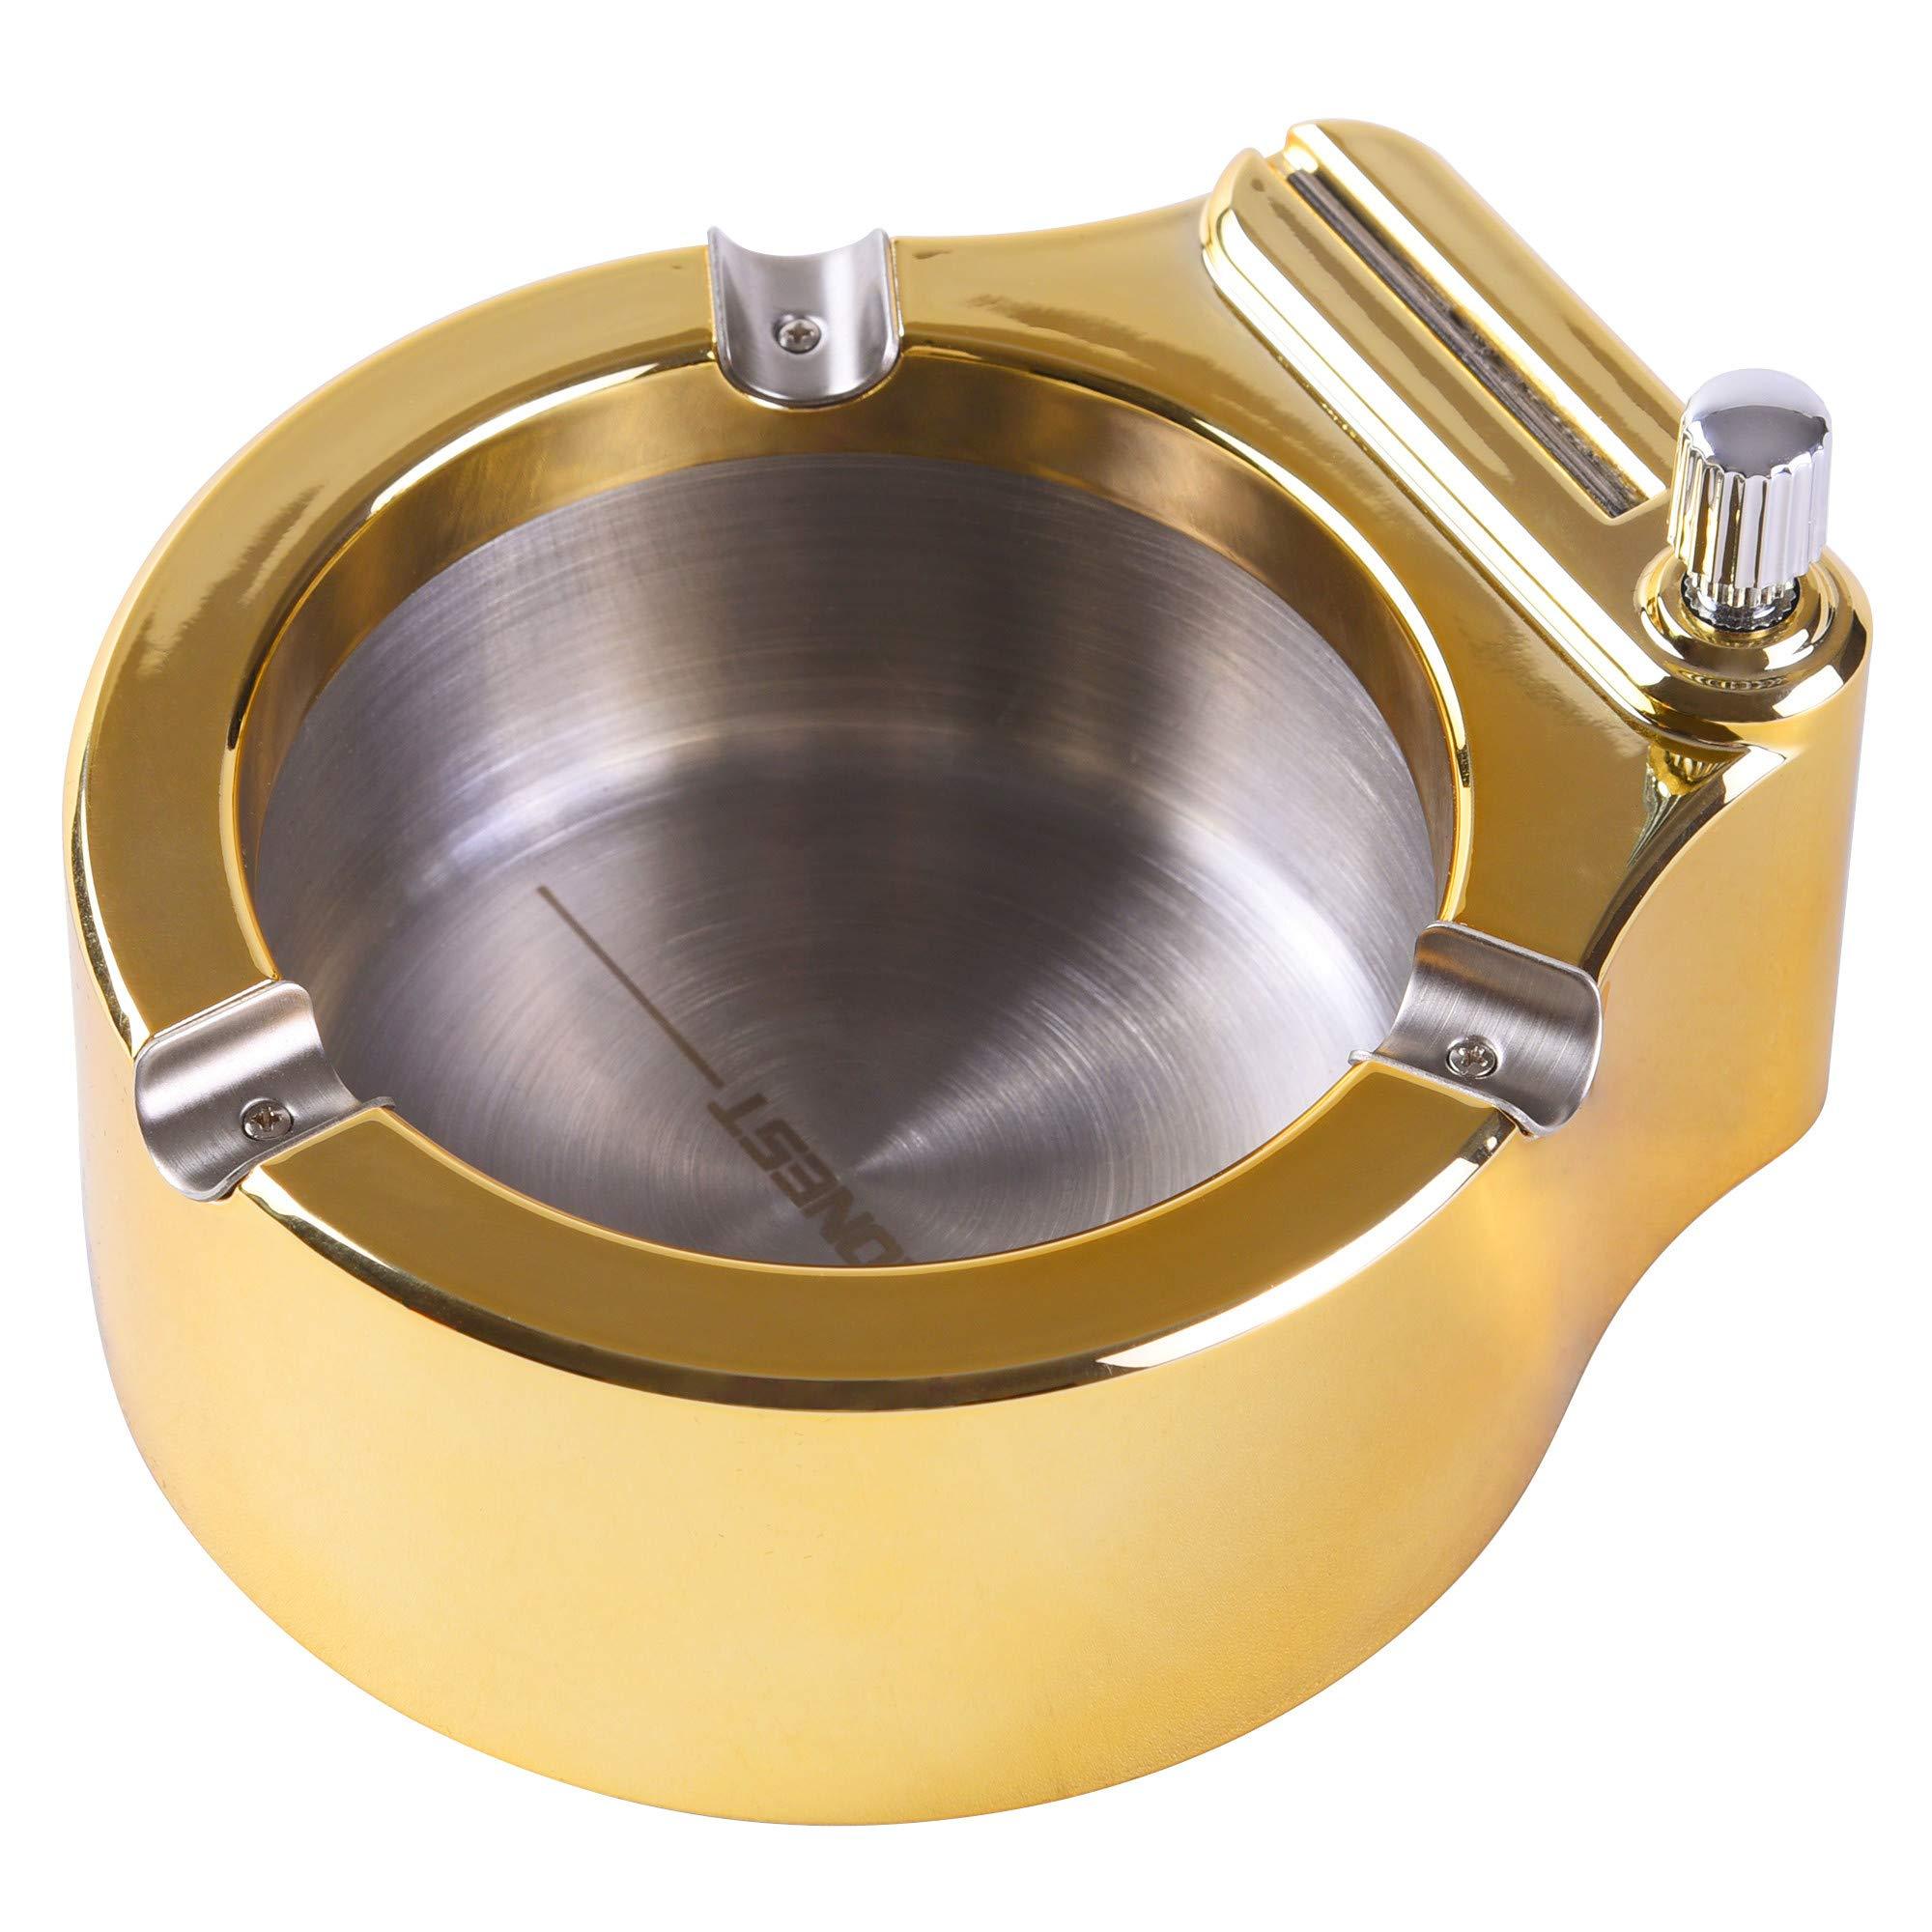 Retro Metal Ashtray,Refillable Kerosene Lighter ashtray,Stainless Steel Ash TrayPersonality Gift Ashtray for